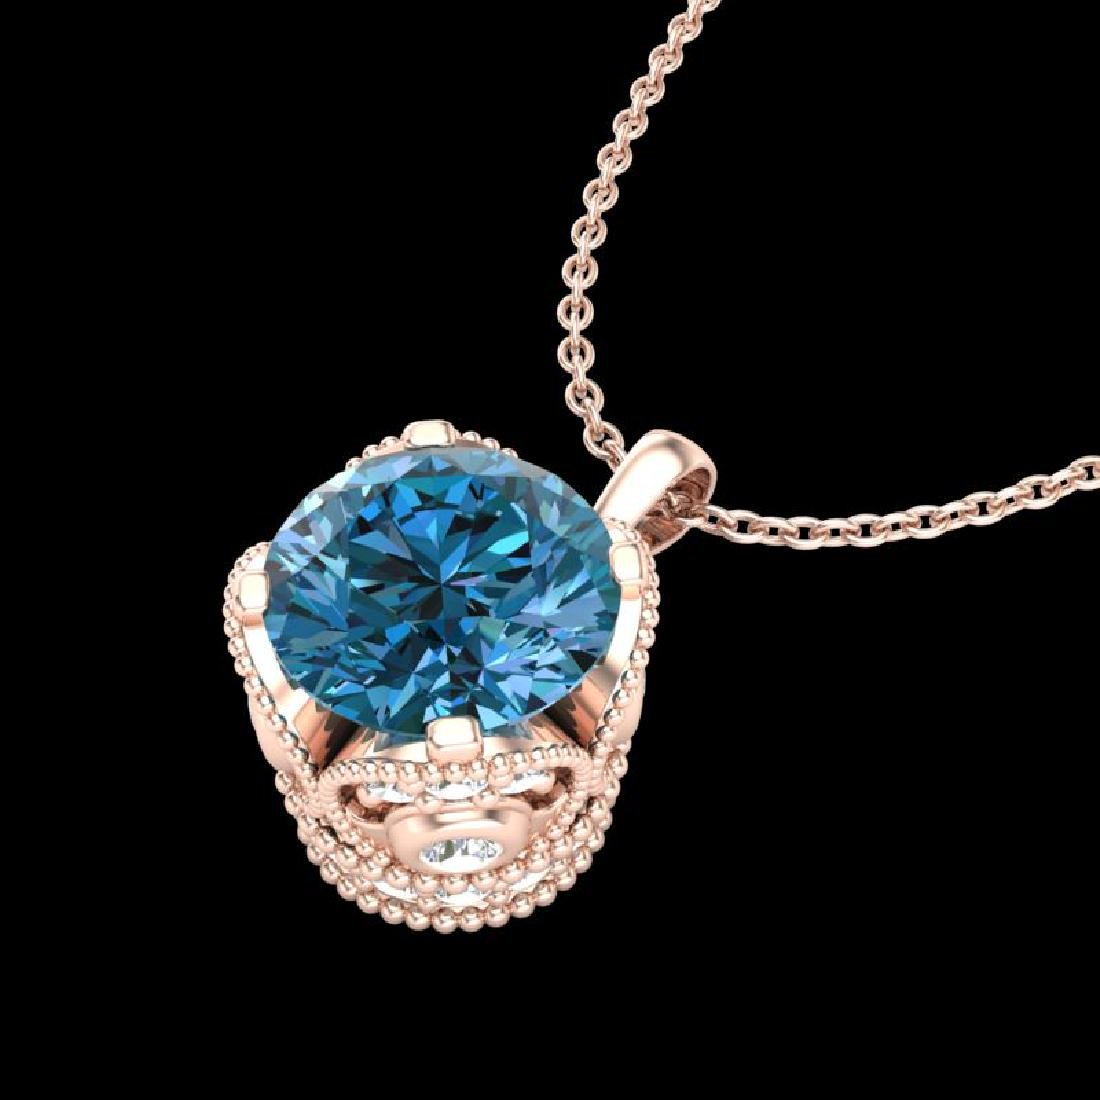 1.13 CTW Fancy Intense Blue Diamond Solitaire Art Deco - 2